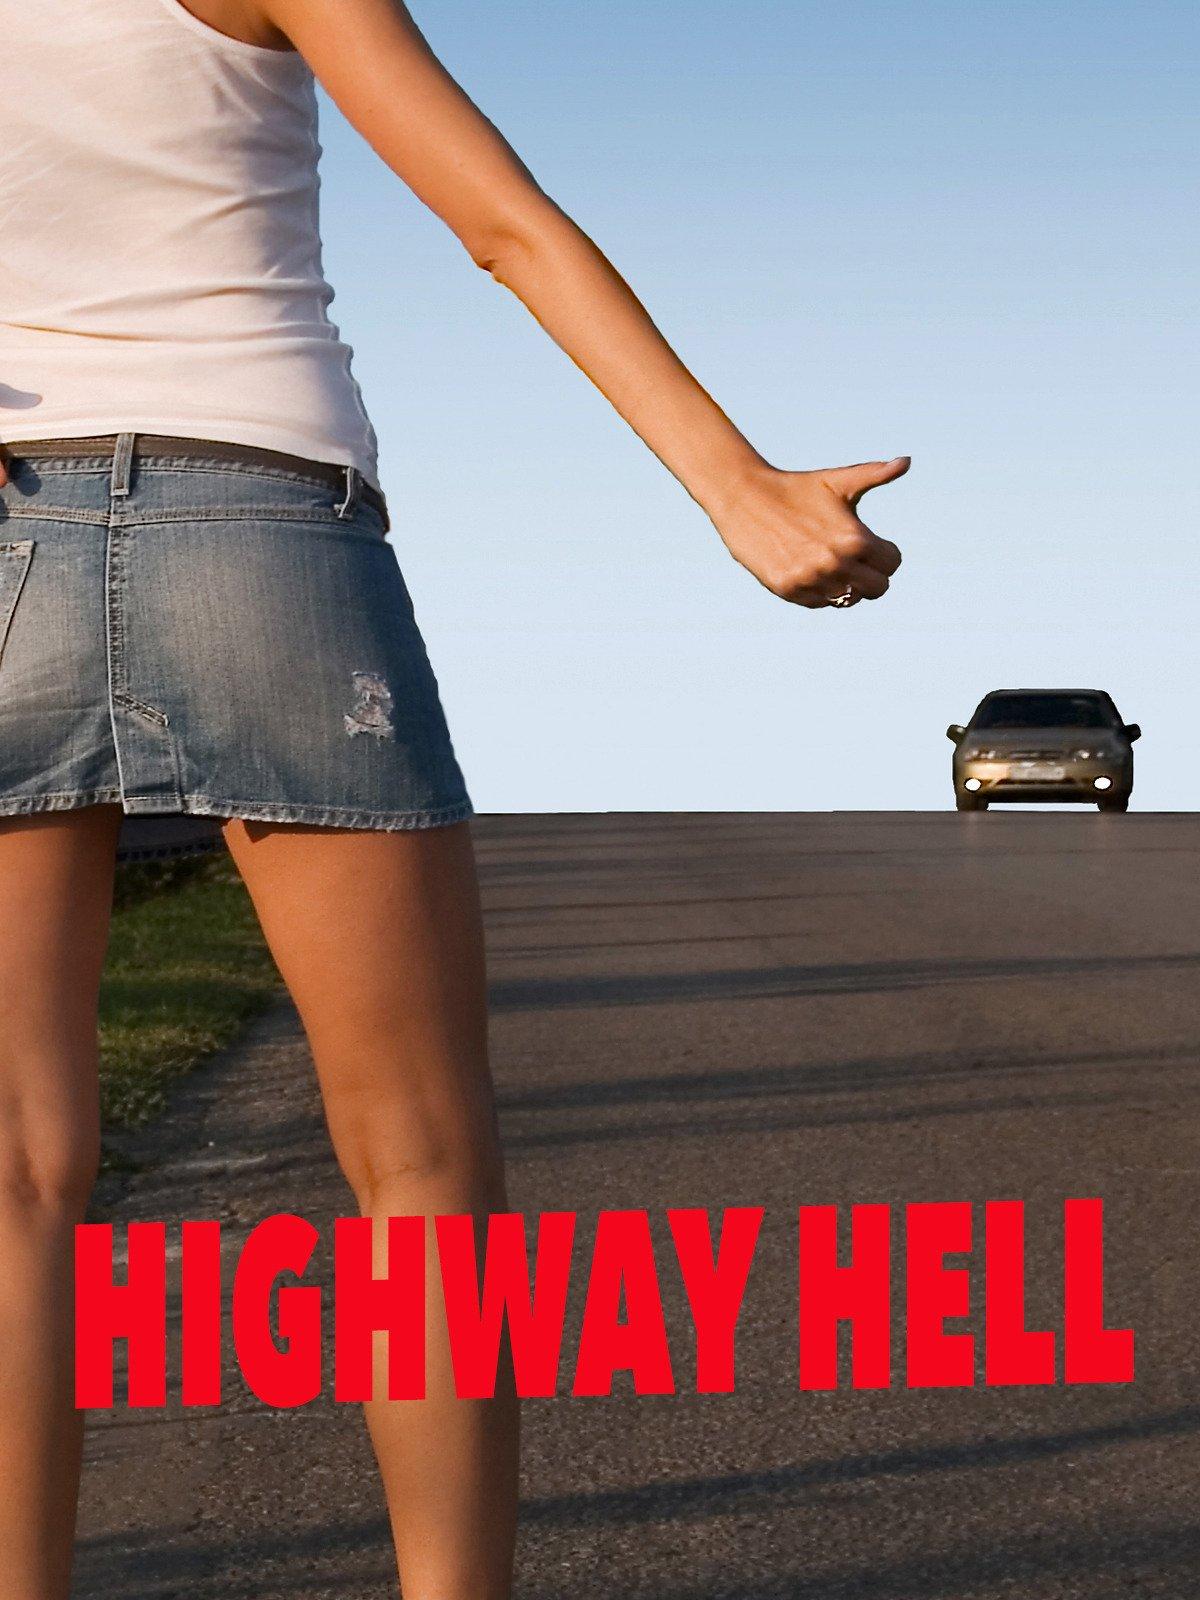 Highway Hell